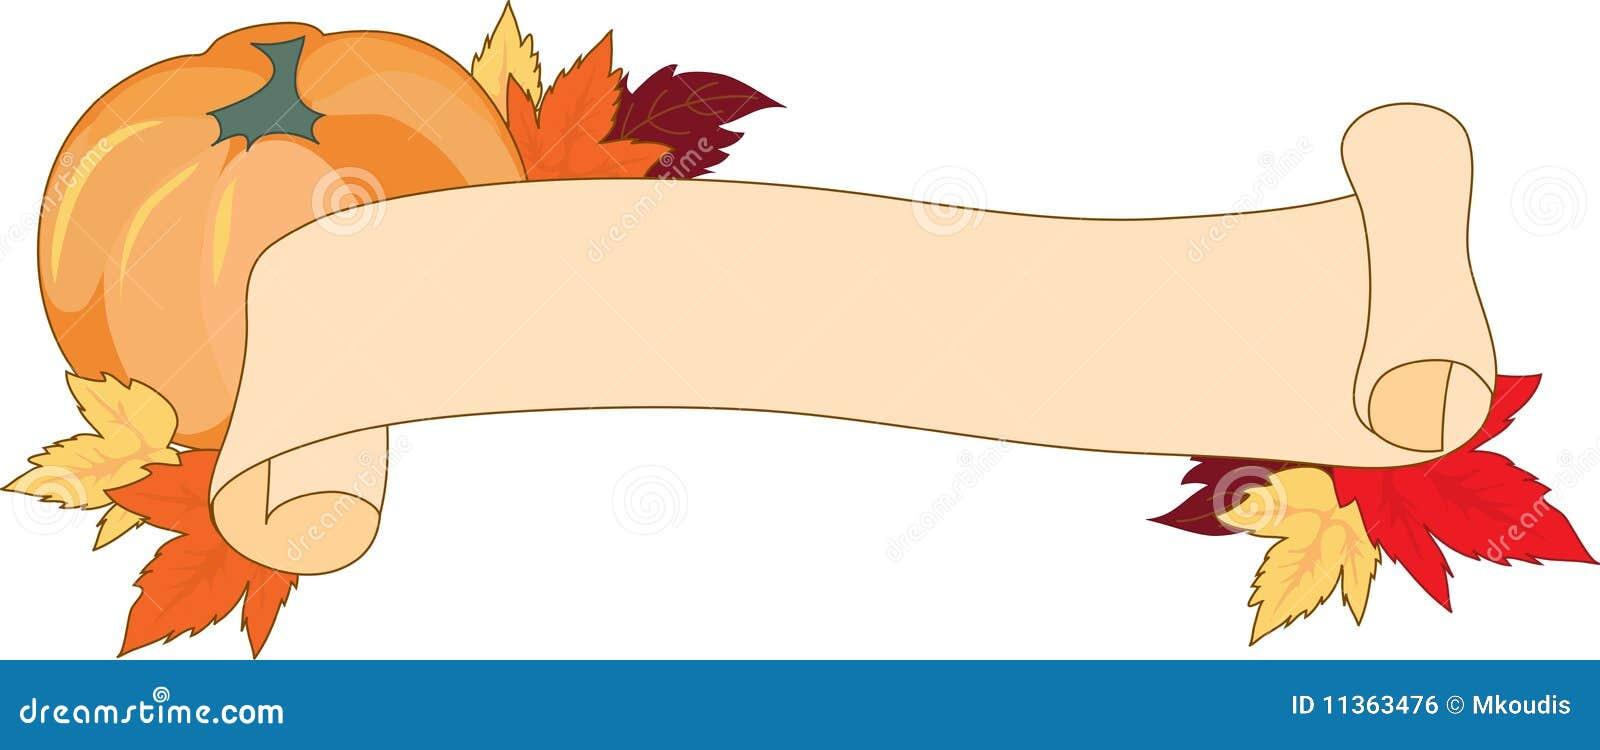 Thanksgiving Banner - lesternsumitra.com